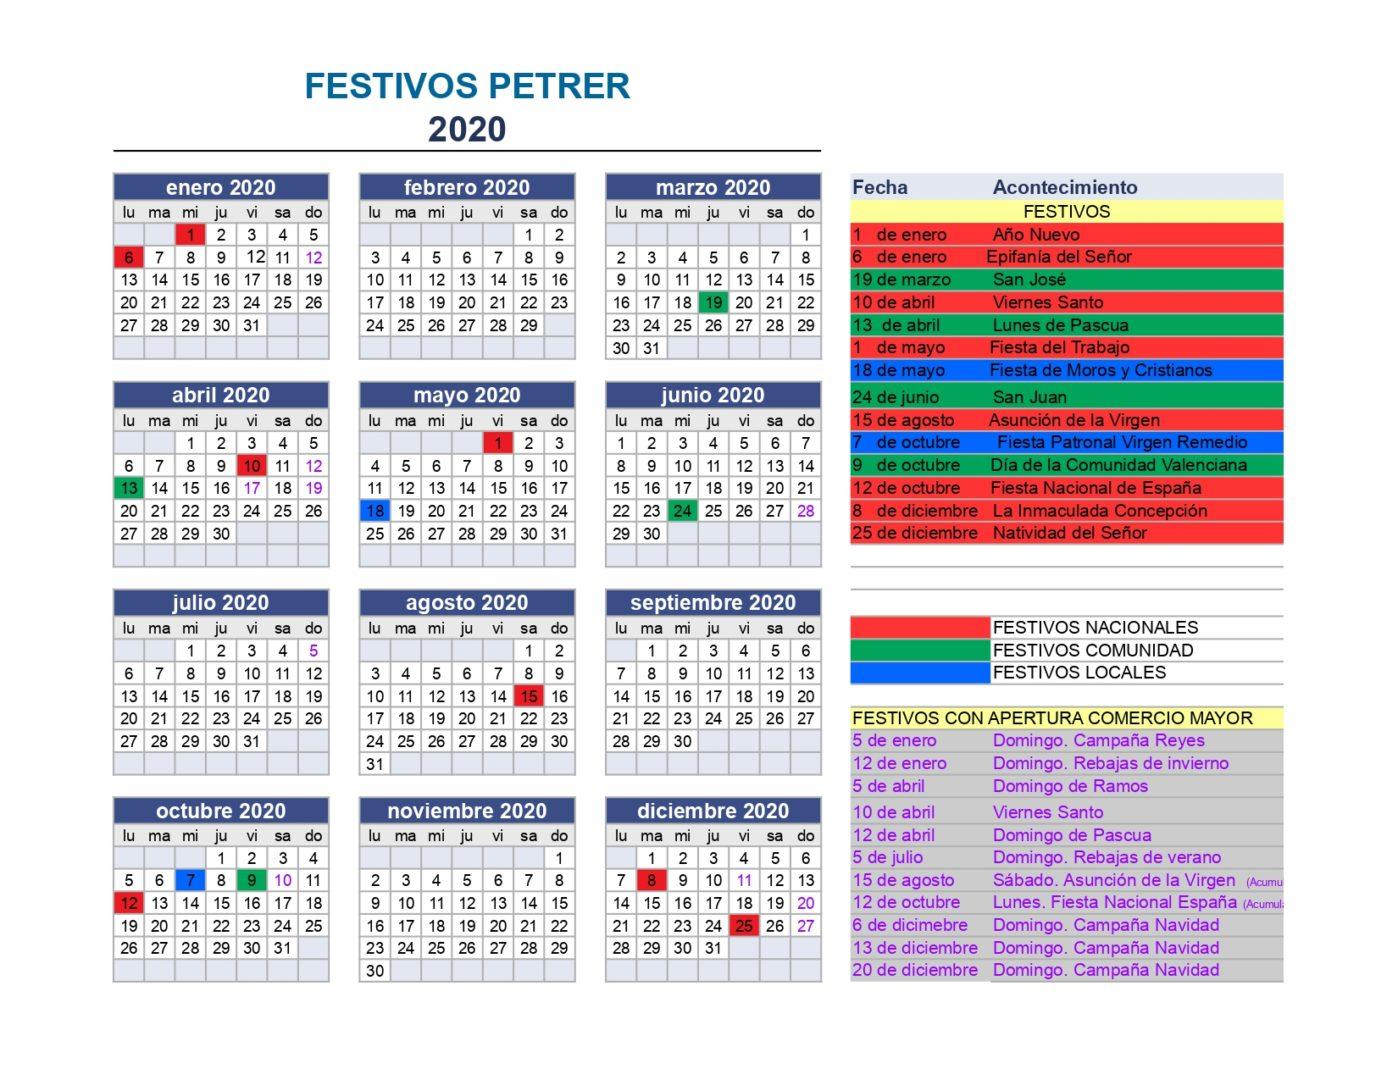 CALENDARIO FESTIVOS 2020